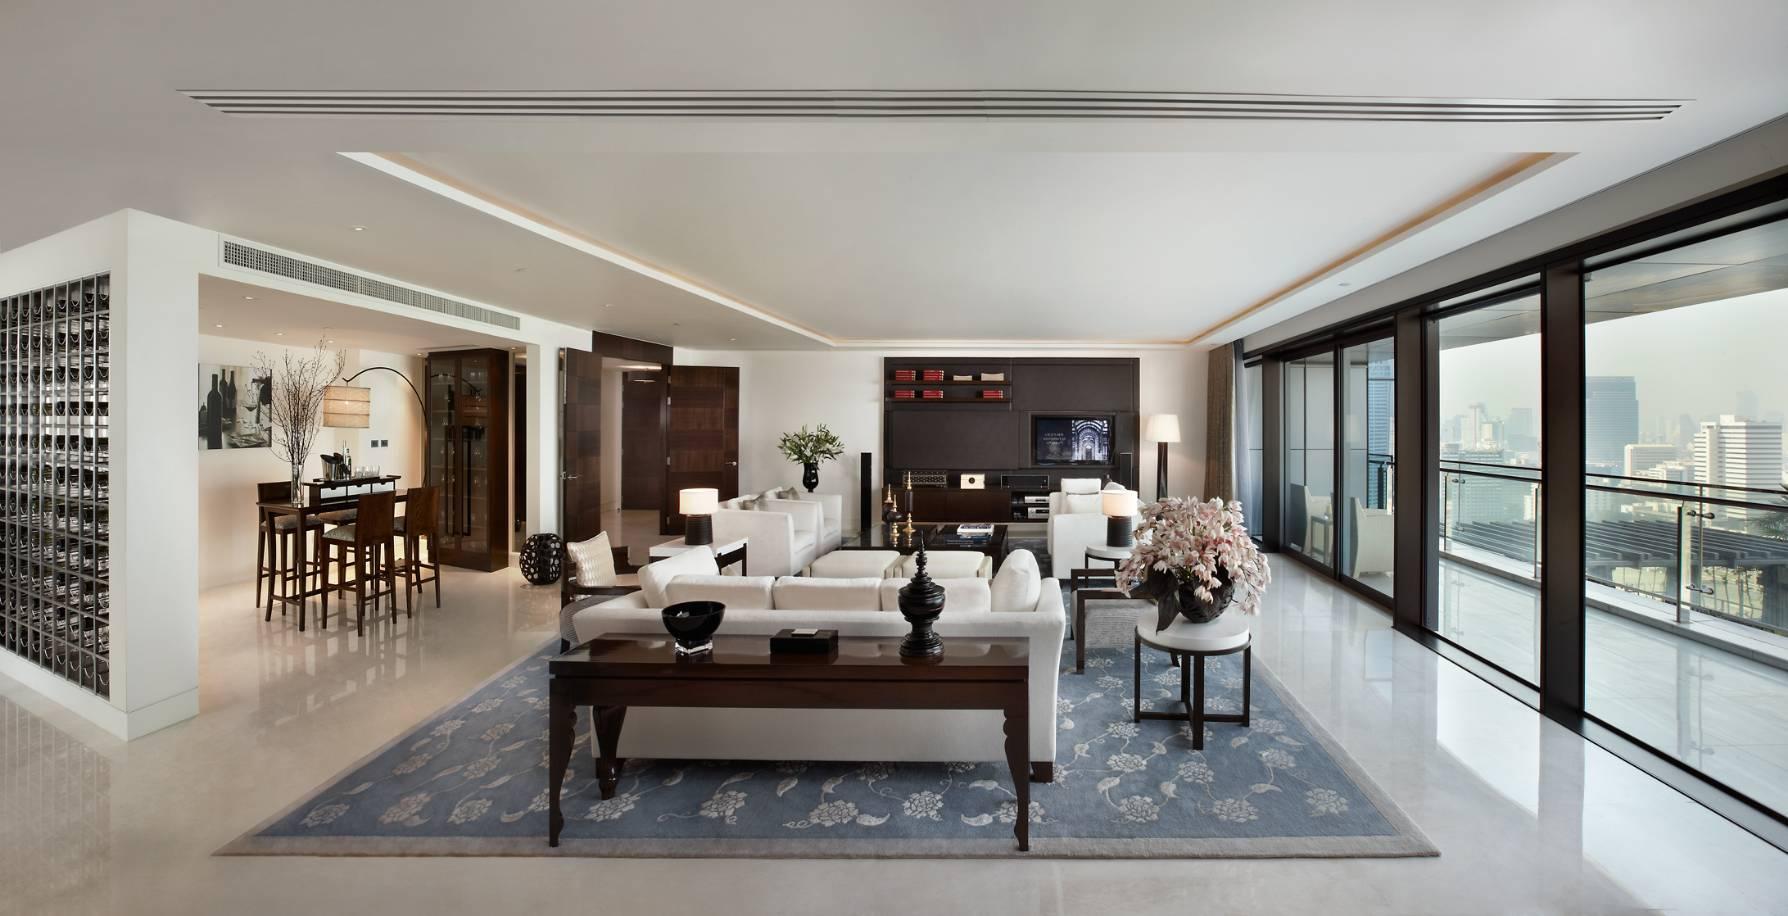 Private Residence in Heart of Bangkok - St. Regis